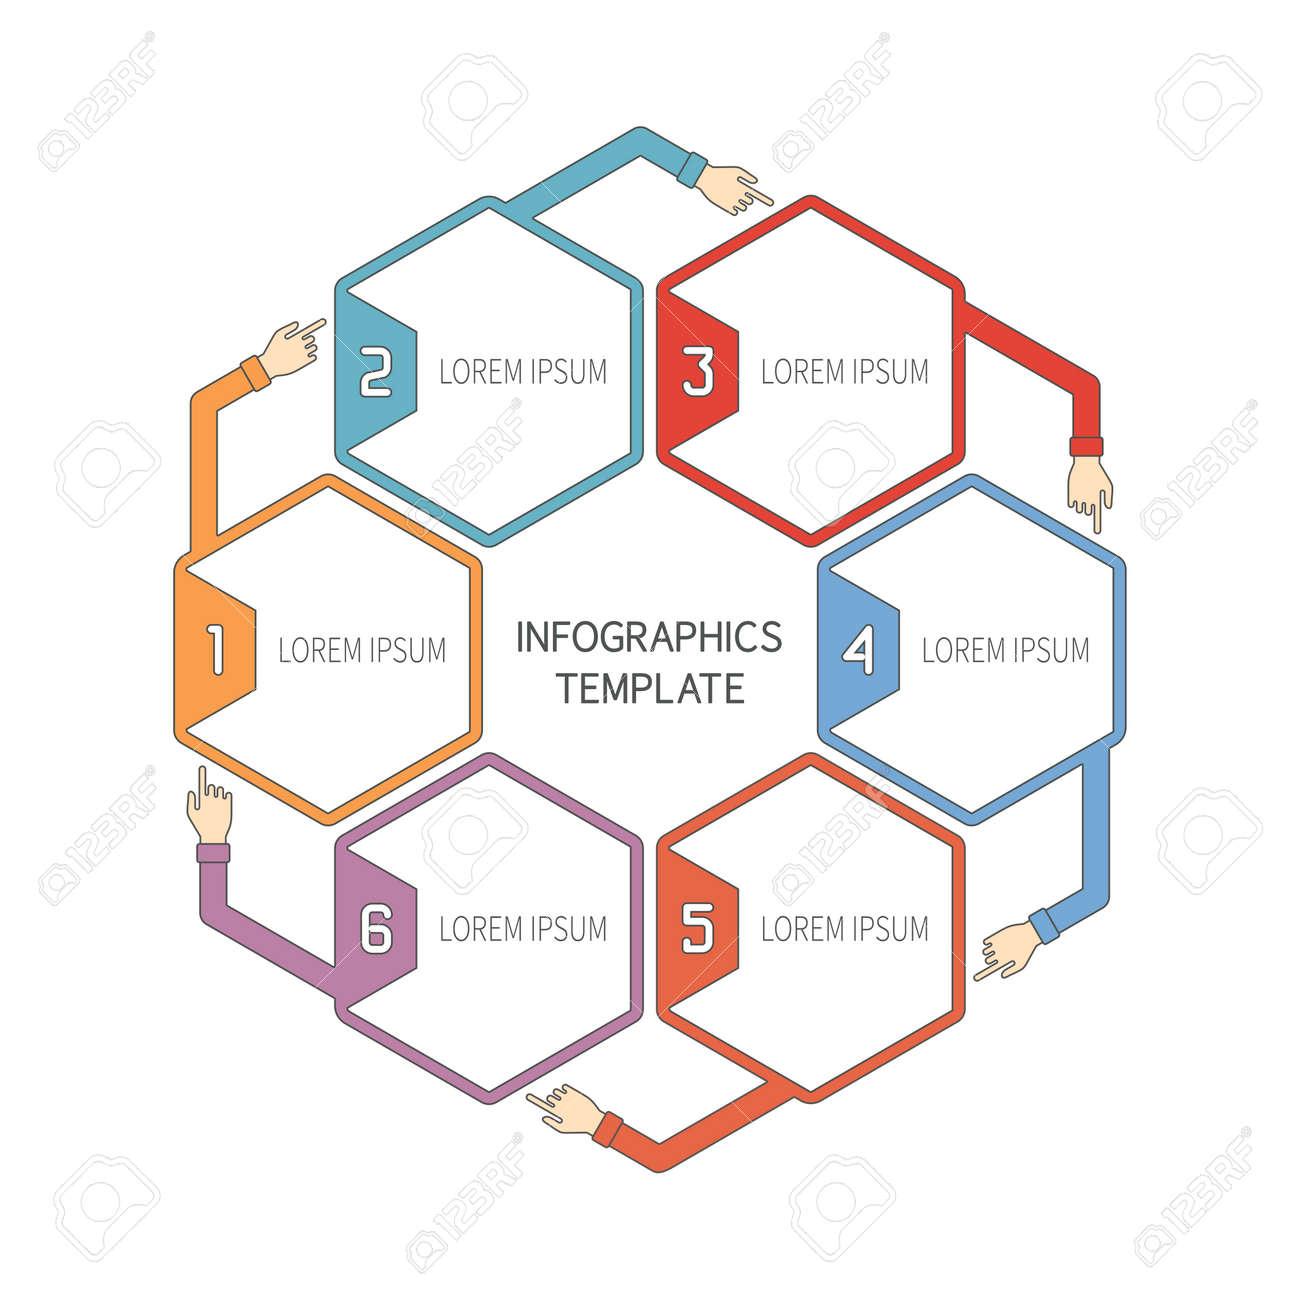 Resumen De Vectores De 6 Pasos Plantilla Infografía En Estilo De ...